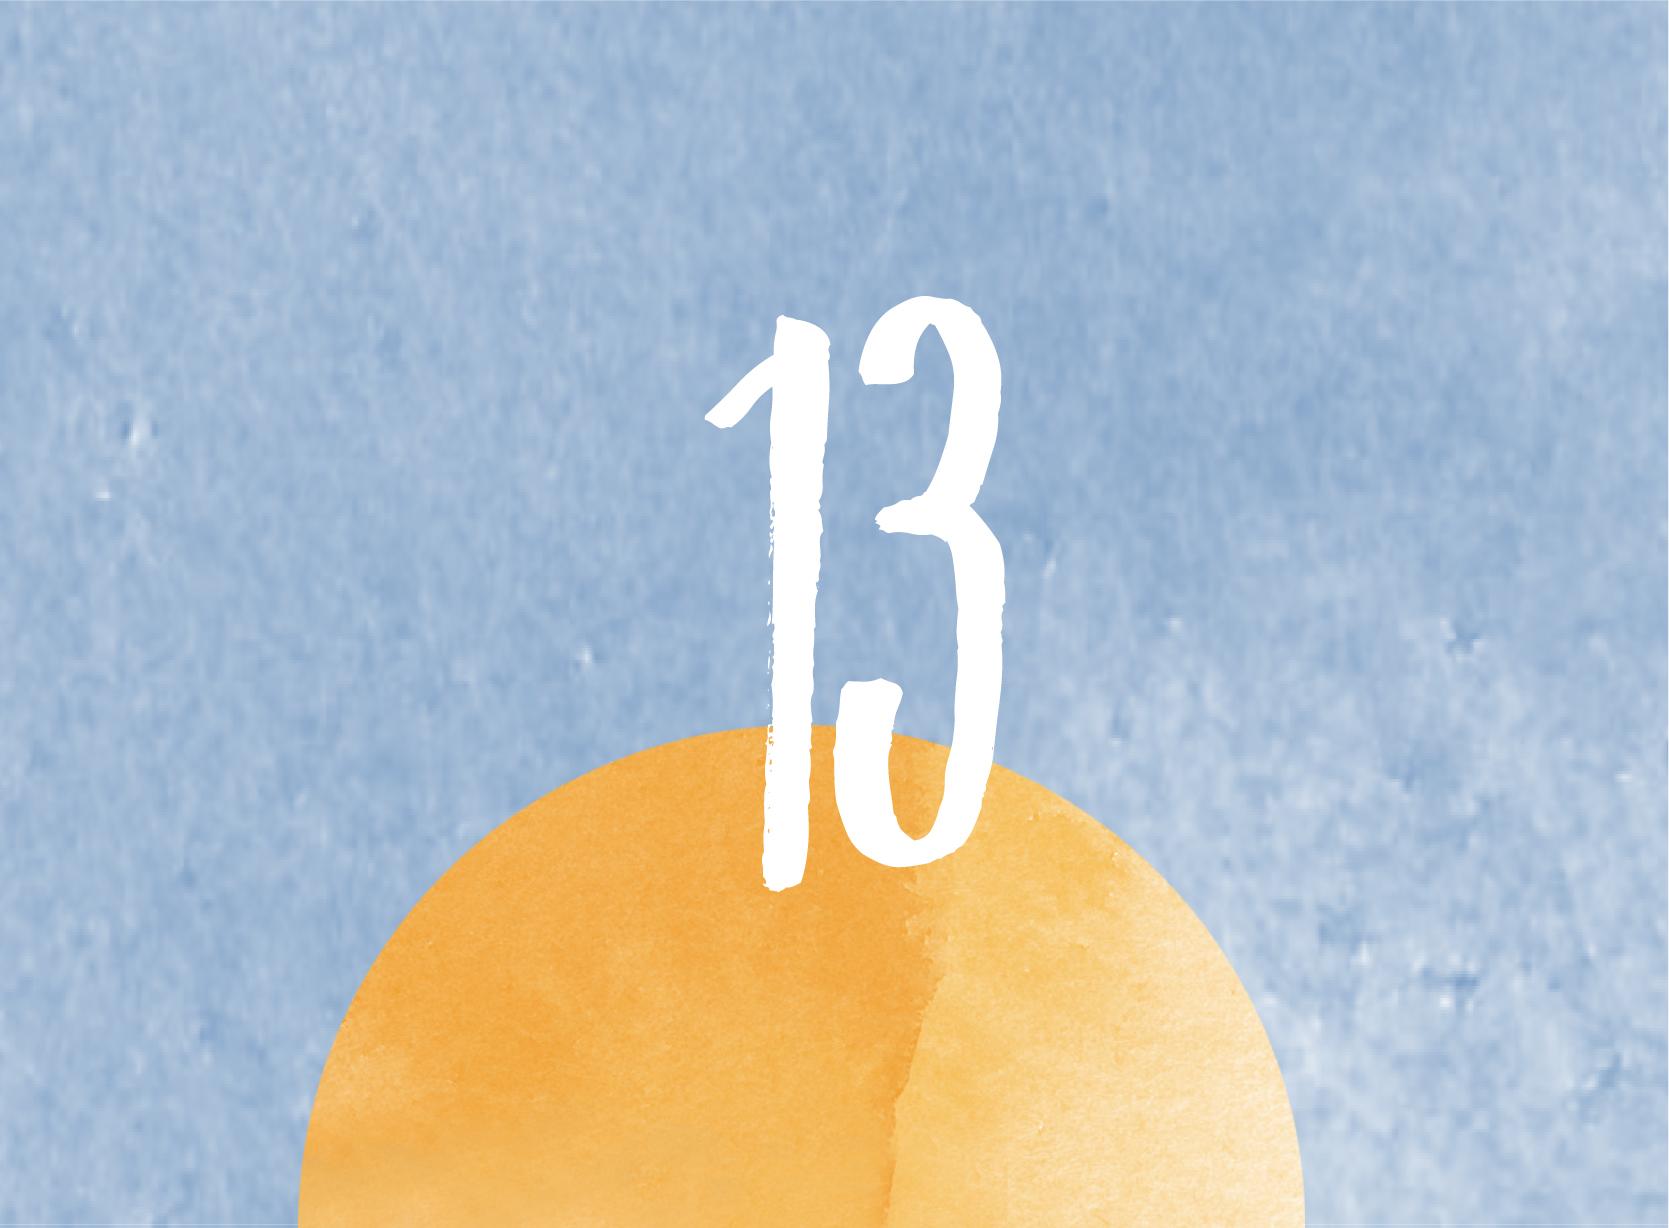 Calendrier de l'avent - 13